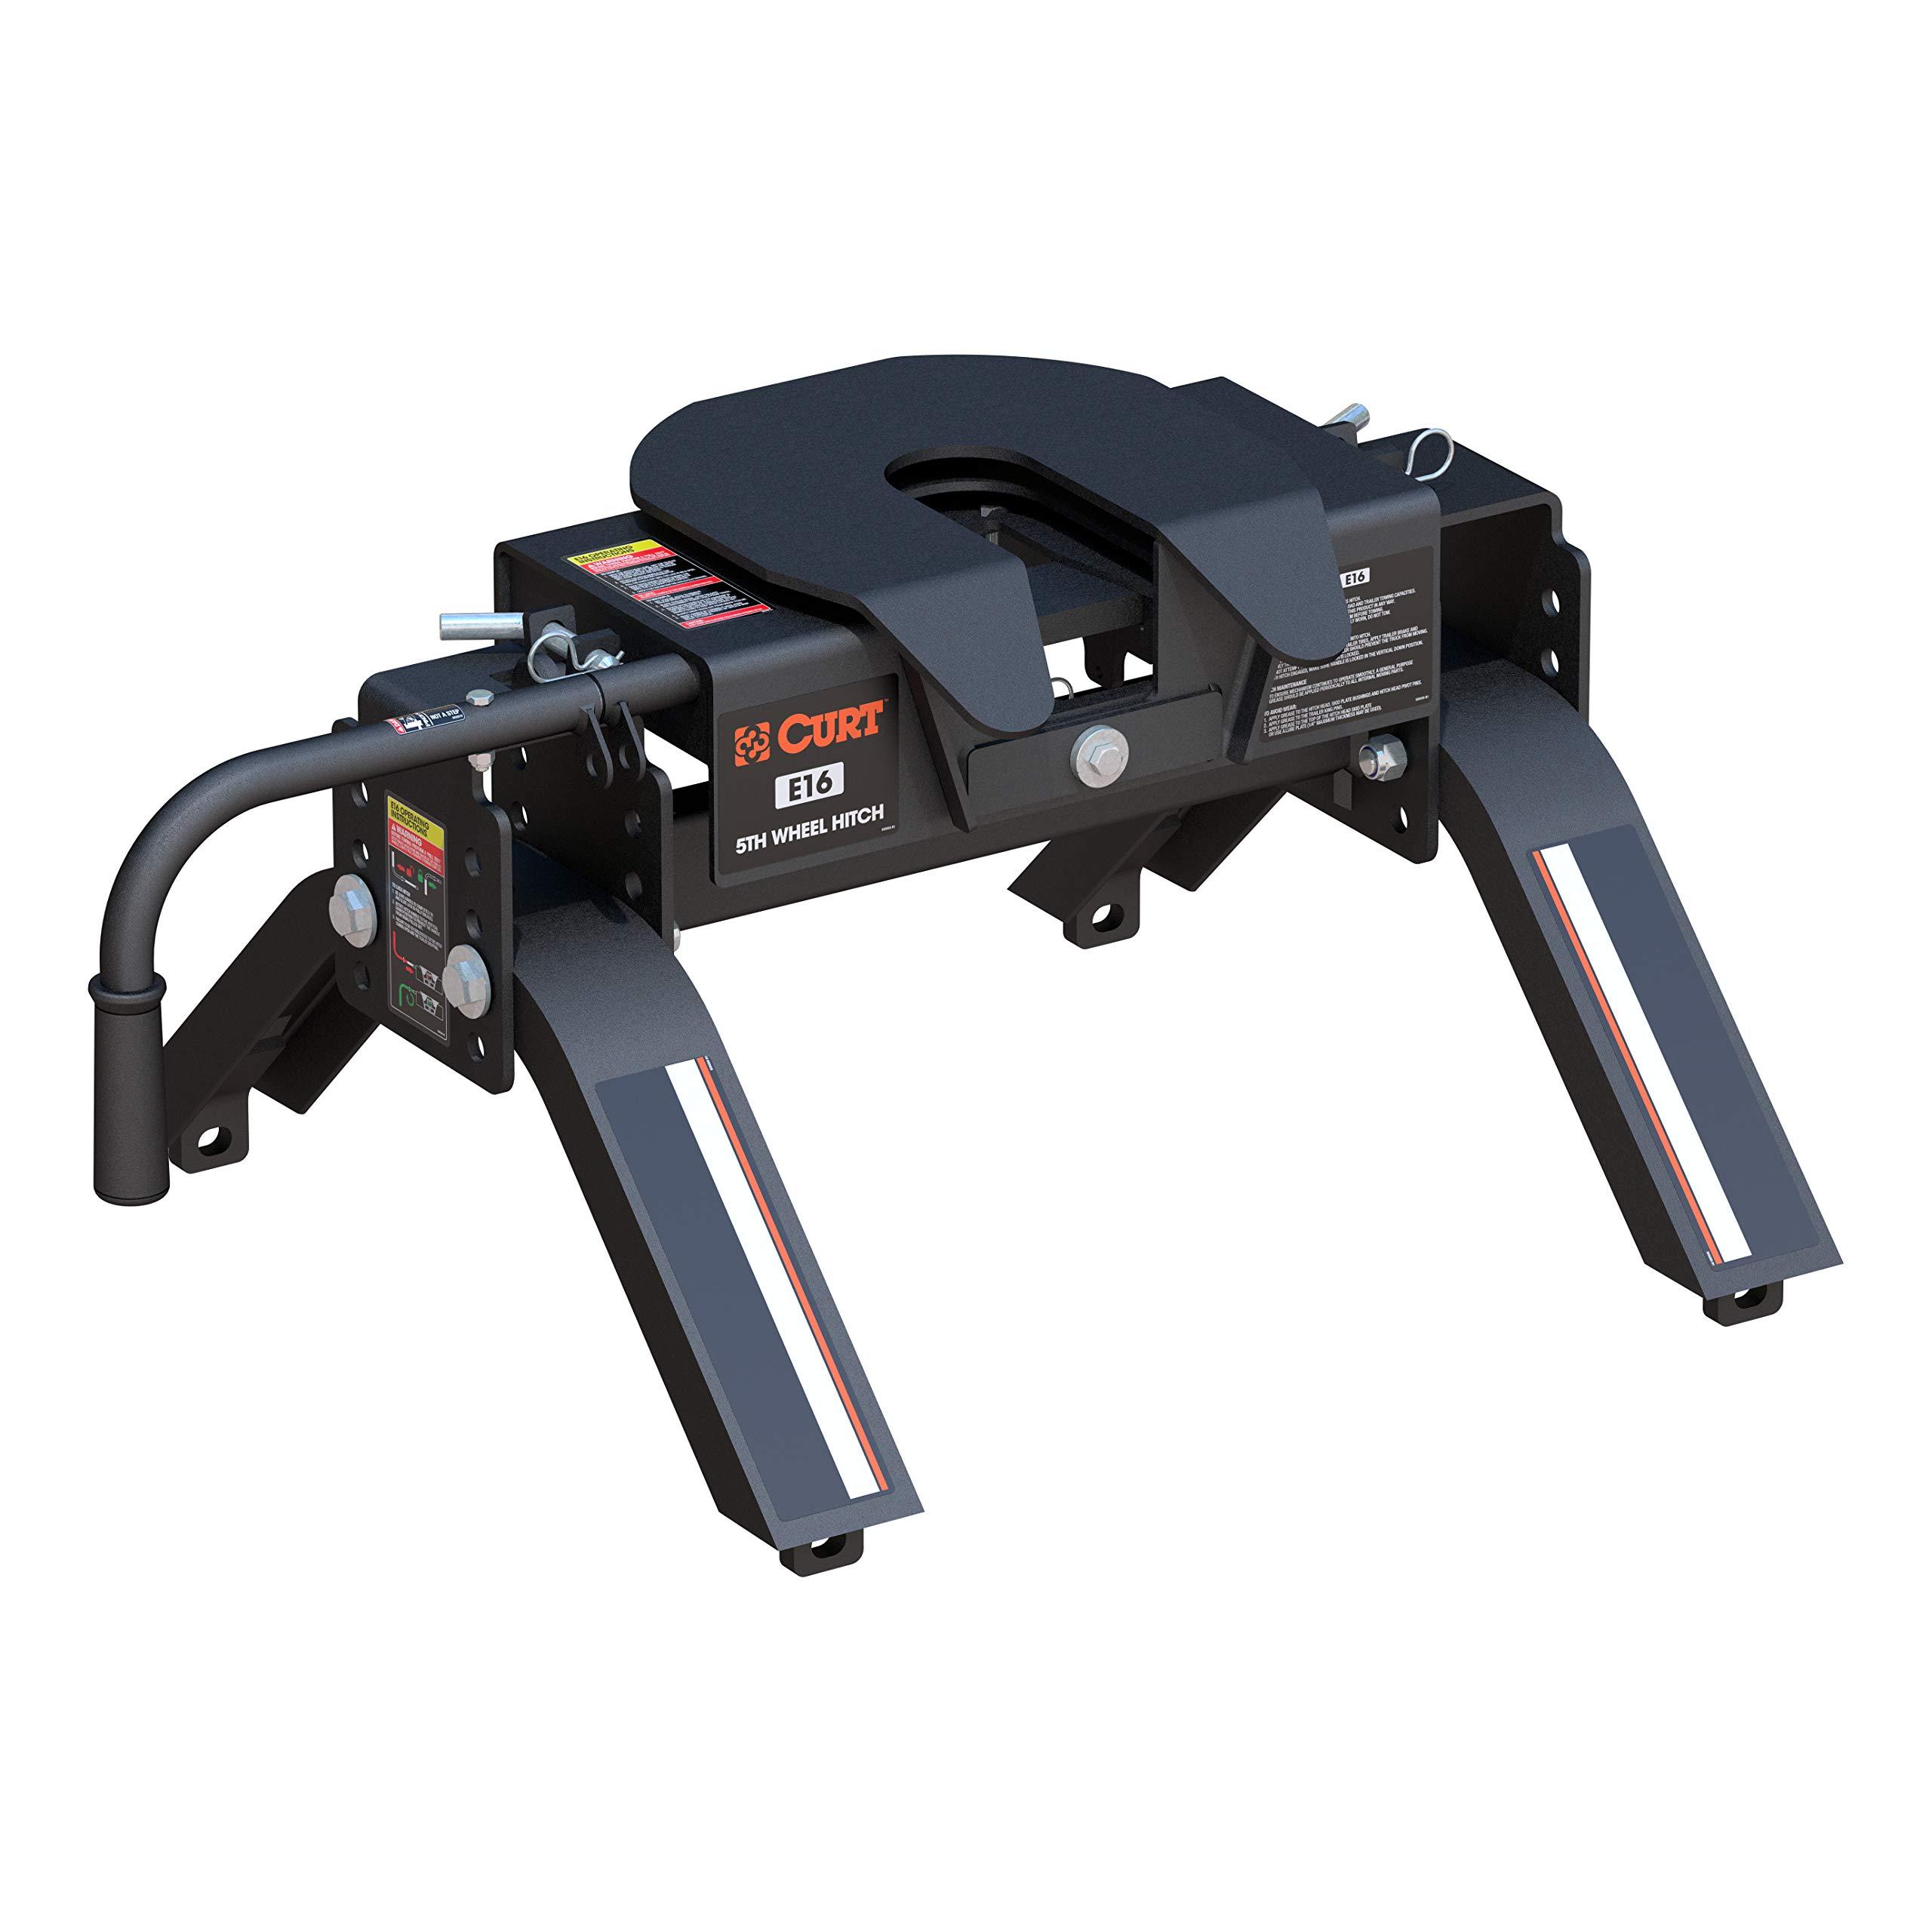 CURT 16115 Black E16 5th Wheel Hitch, 16,000 lbs by CURT